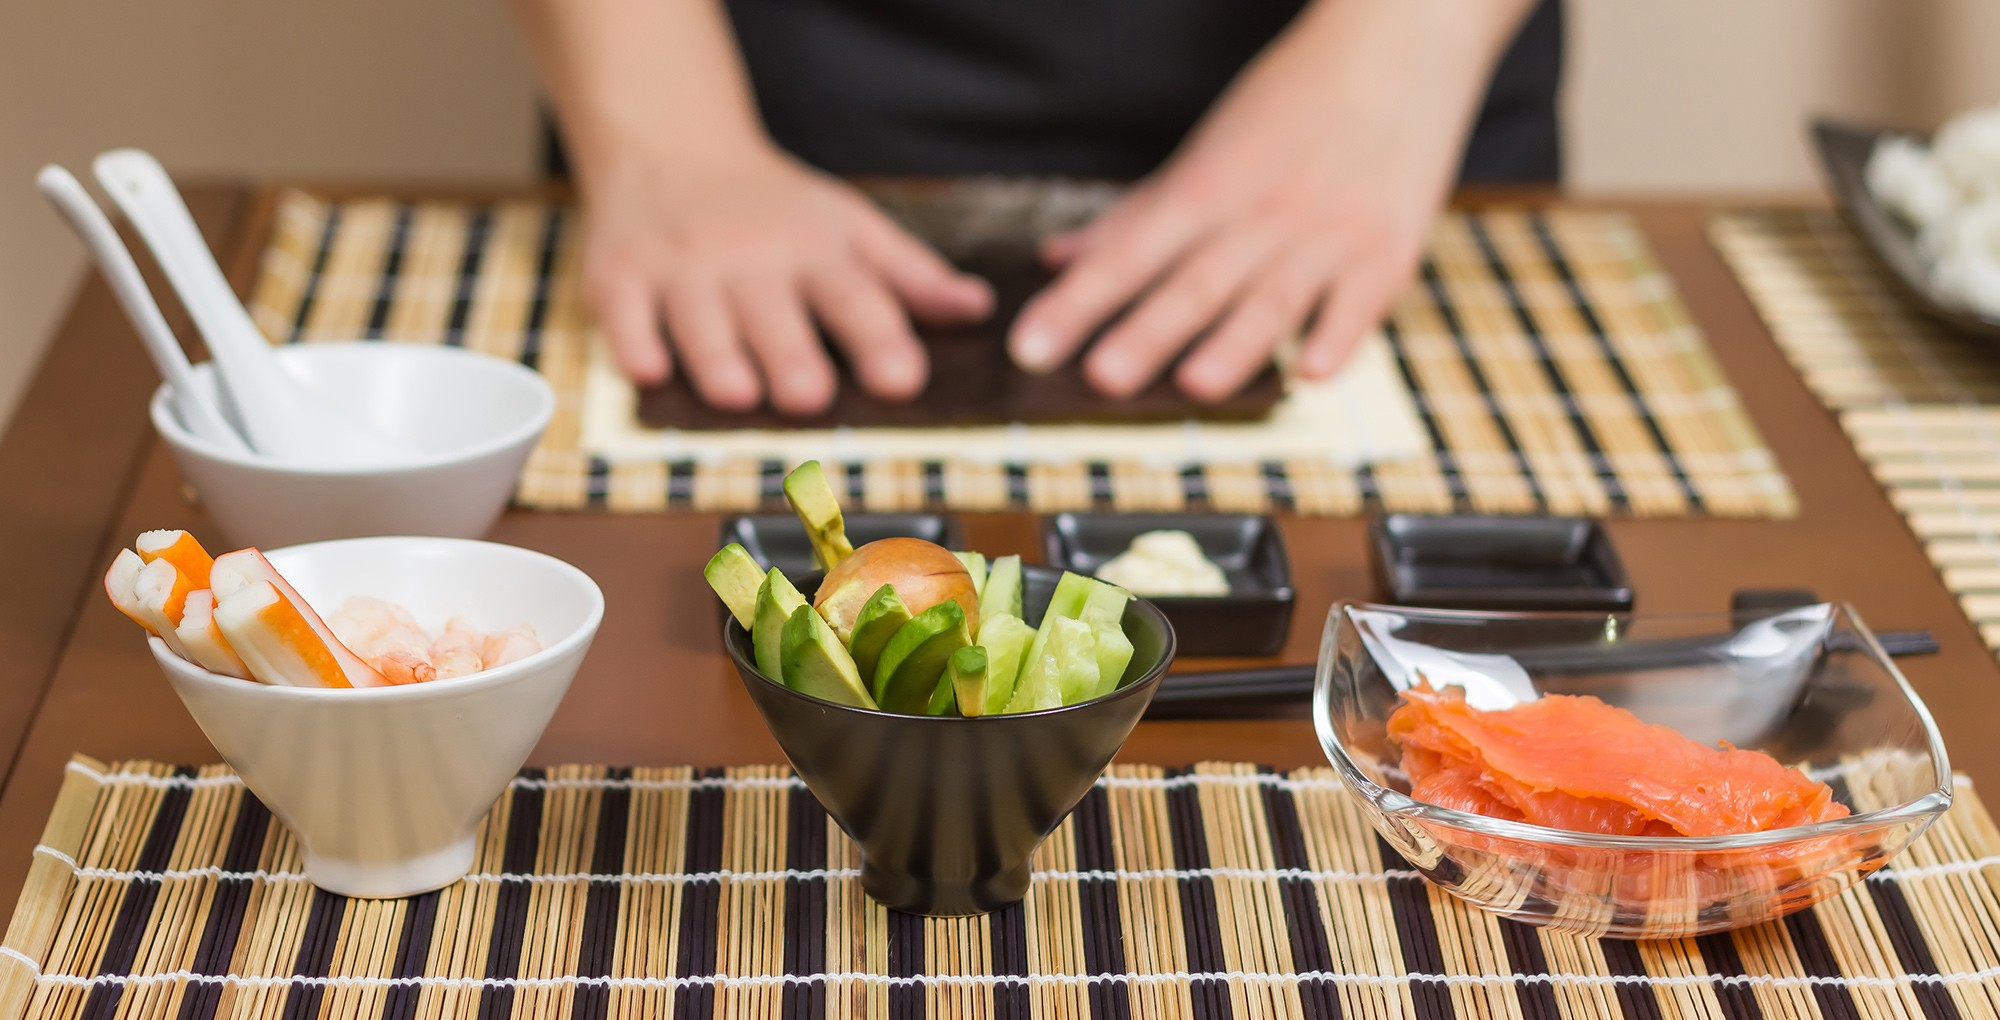 Sushis Maison Recette De Sushis Pour Faire Des Sushis En 5 Etapes